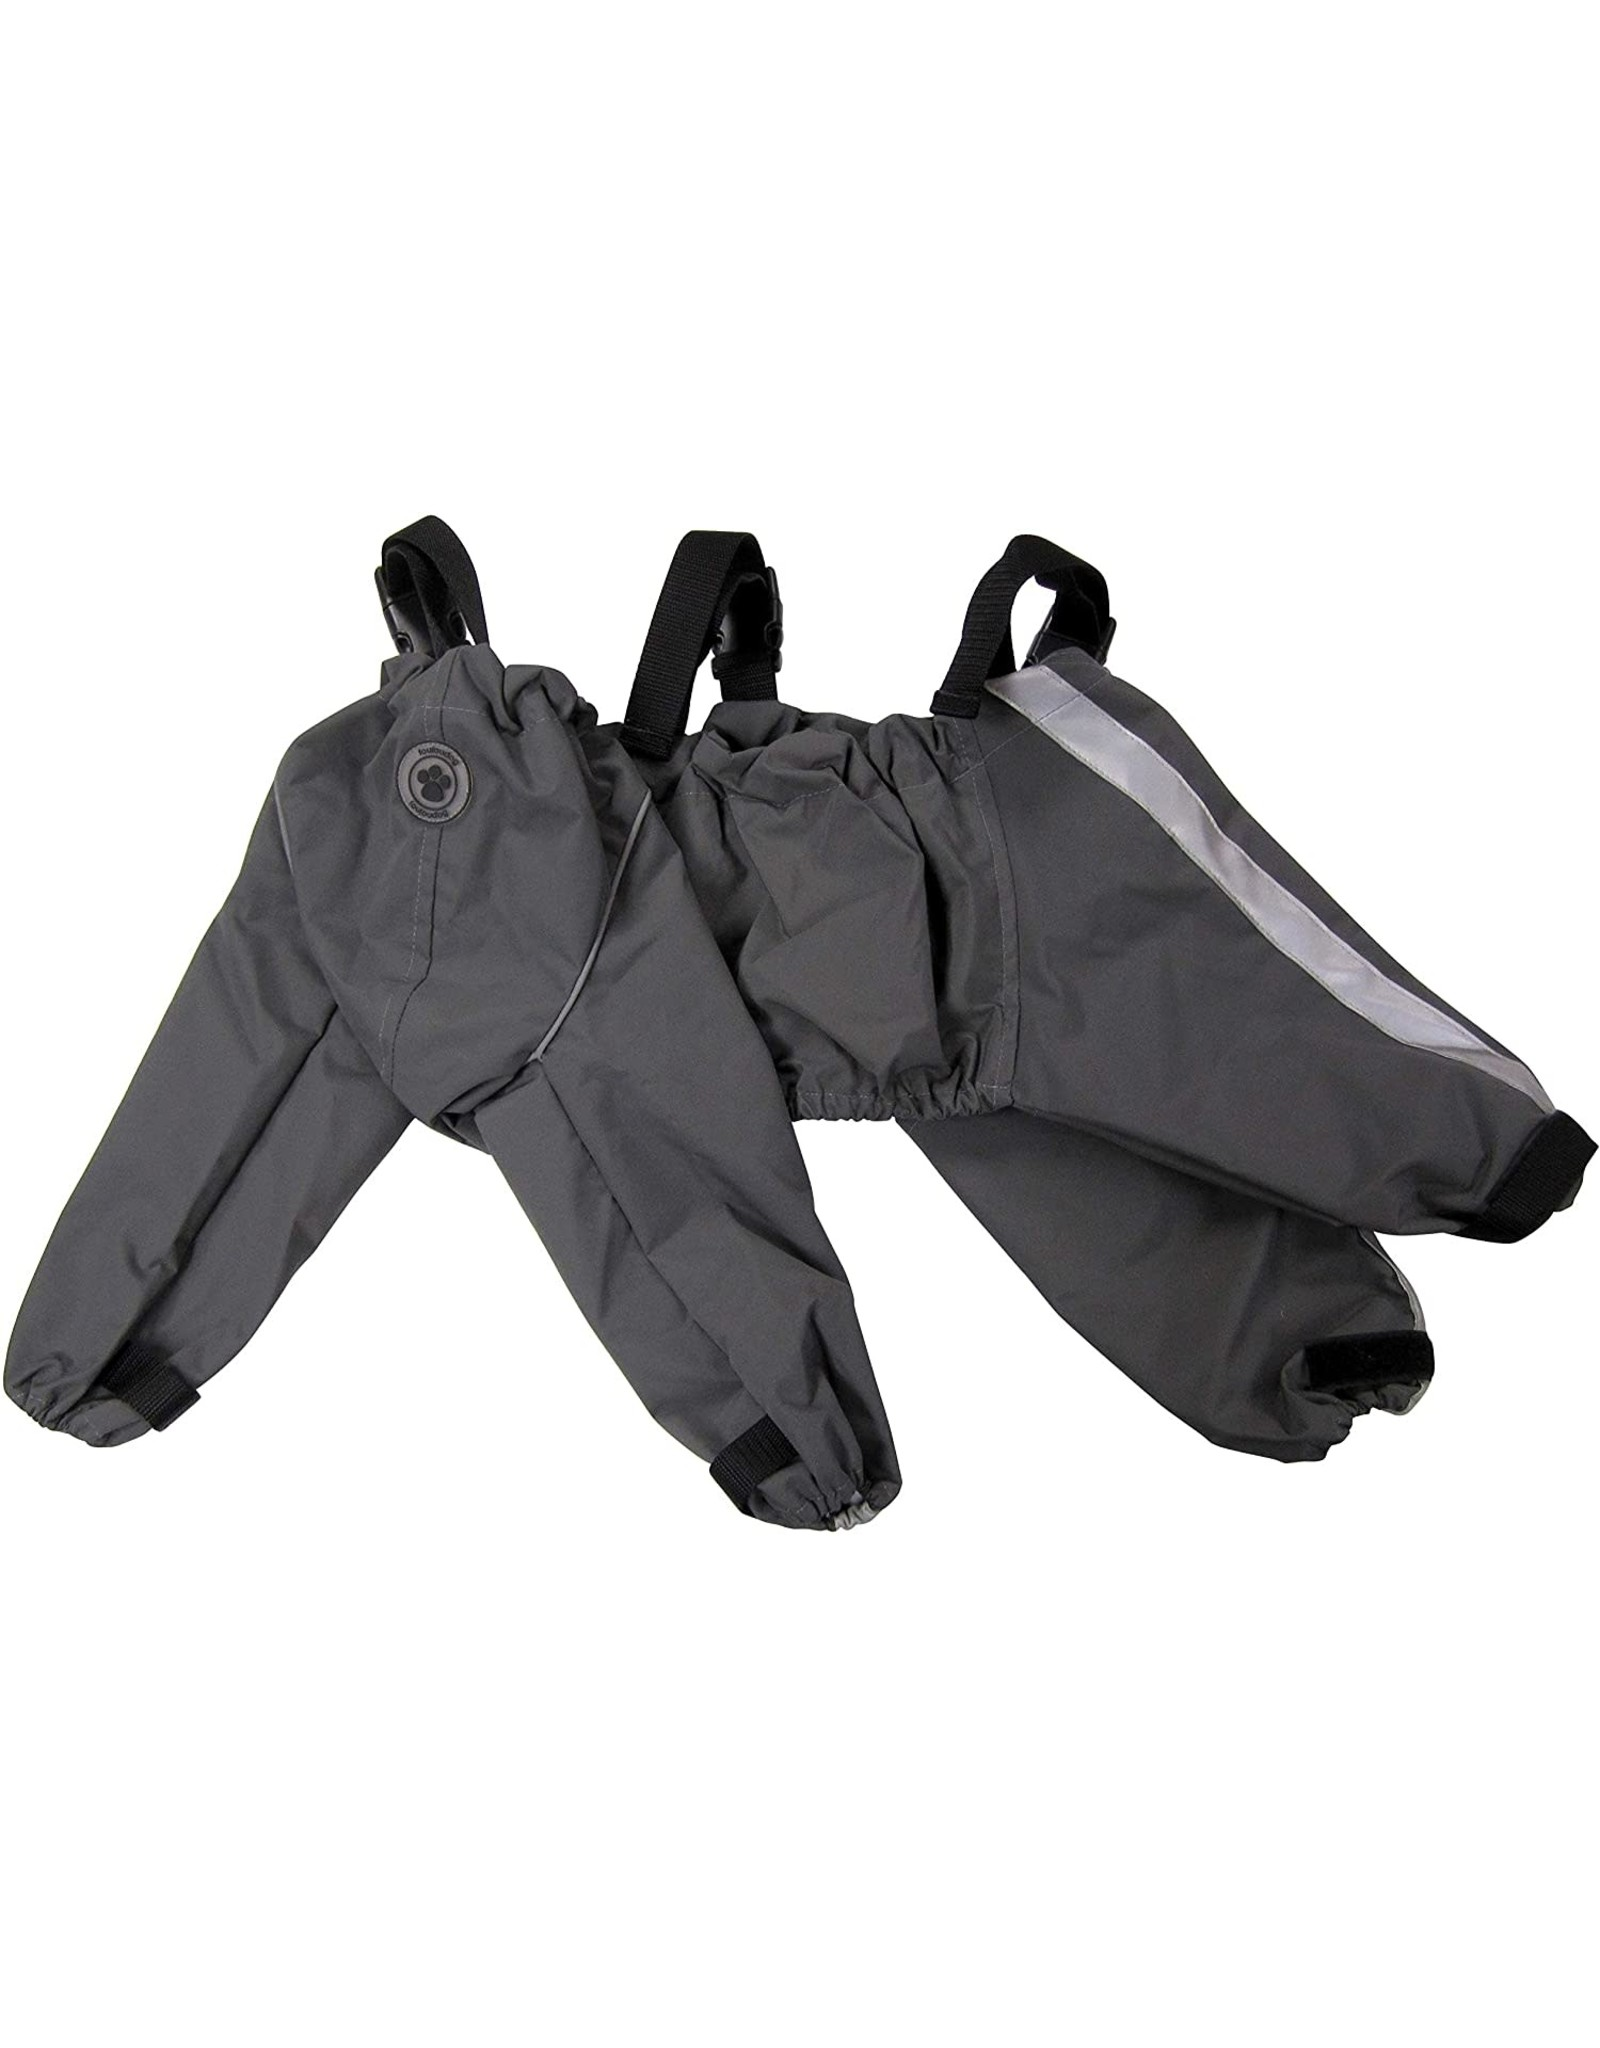 FouFouBrands FFD - Outerwear - BodyGuard - Gray LG